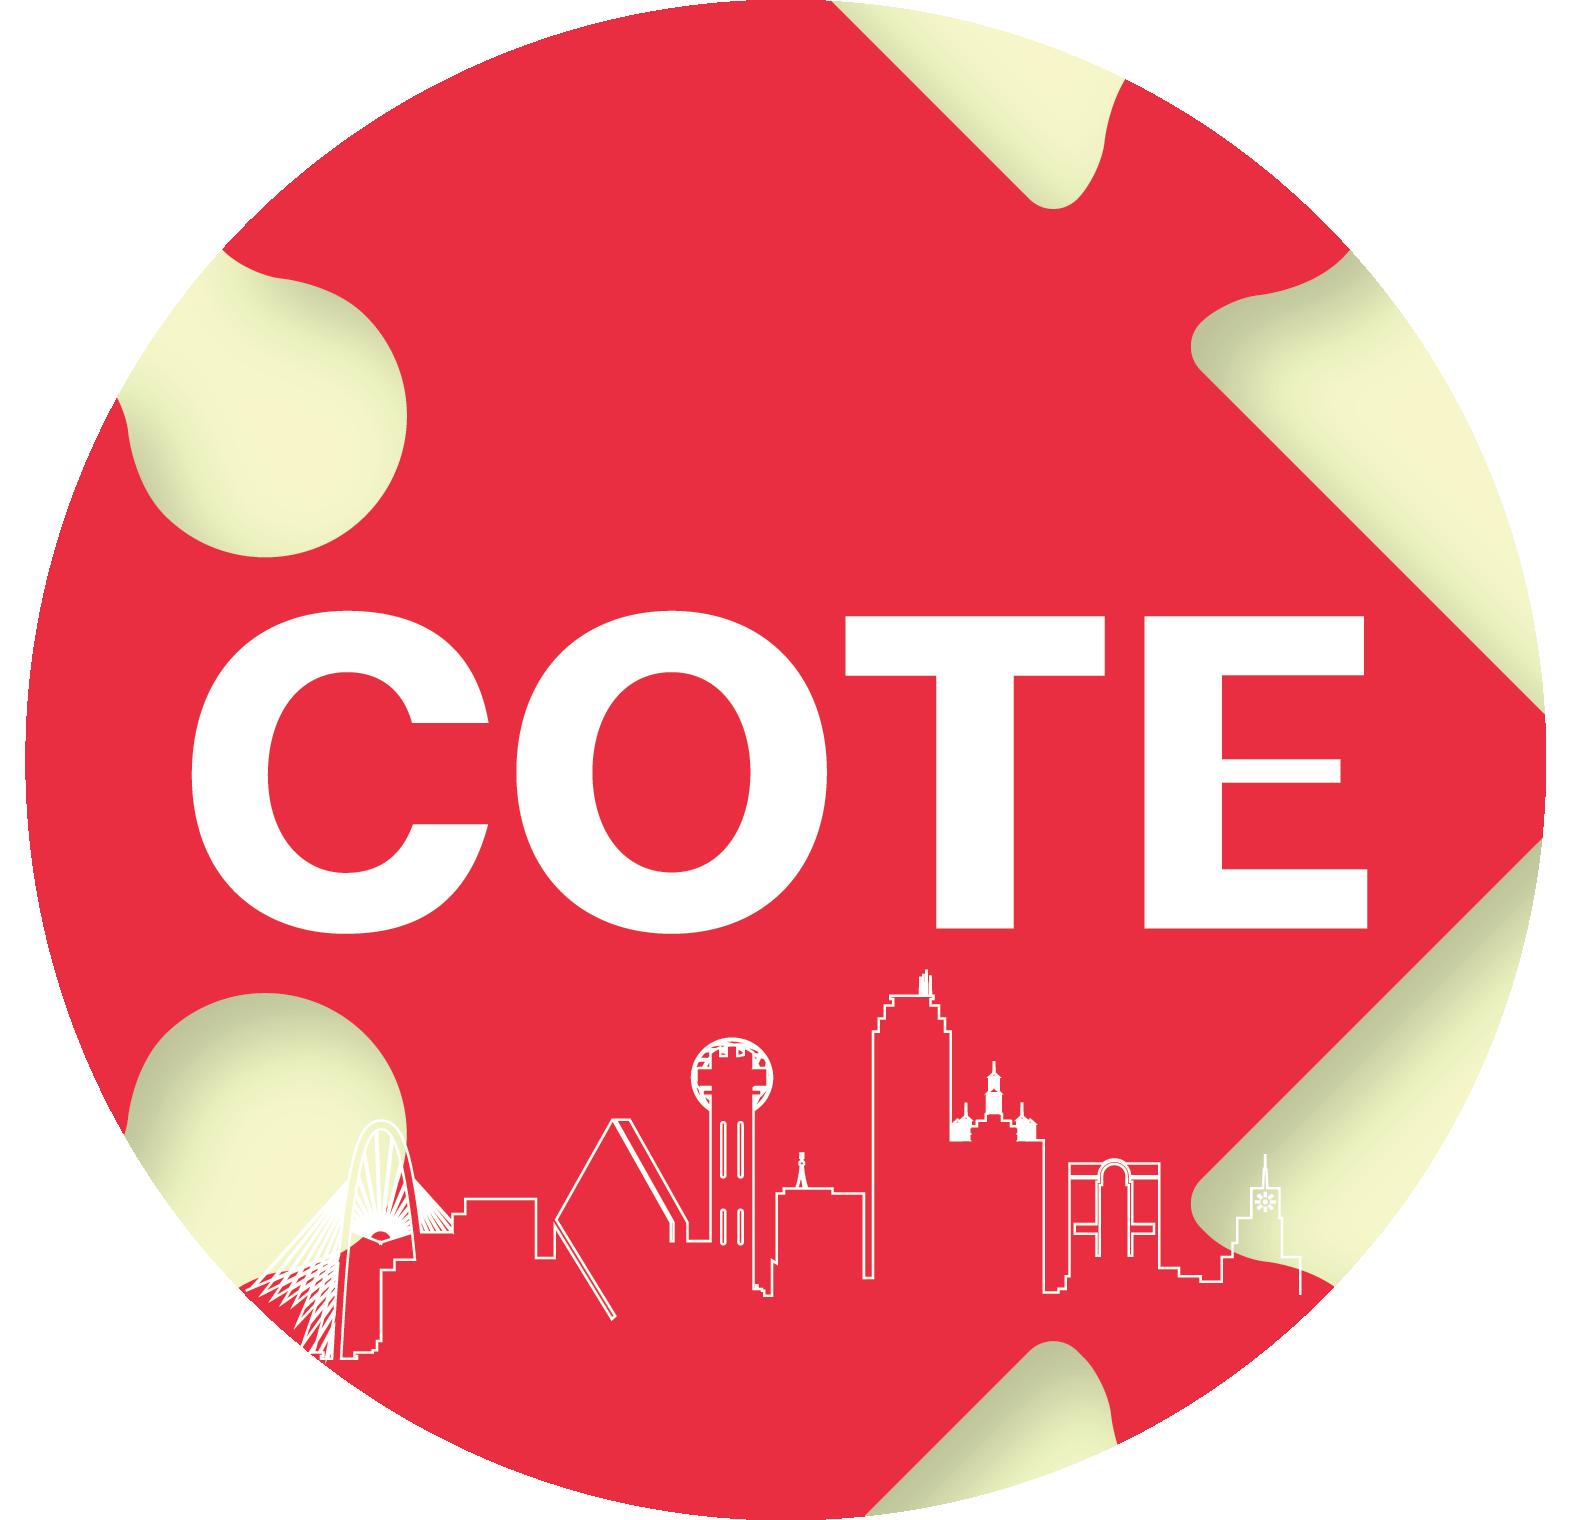 COTE Meet Up